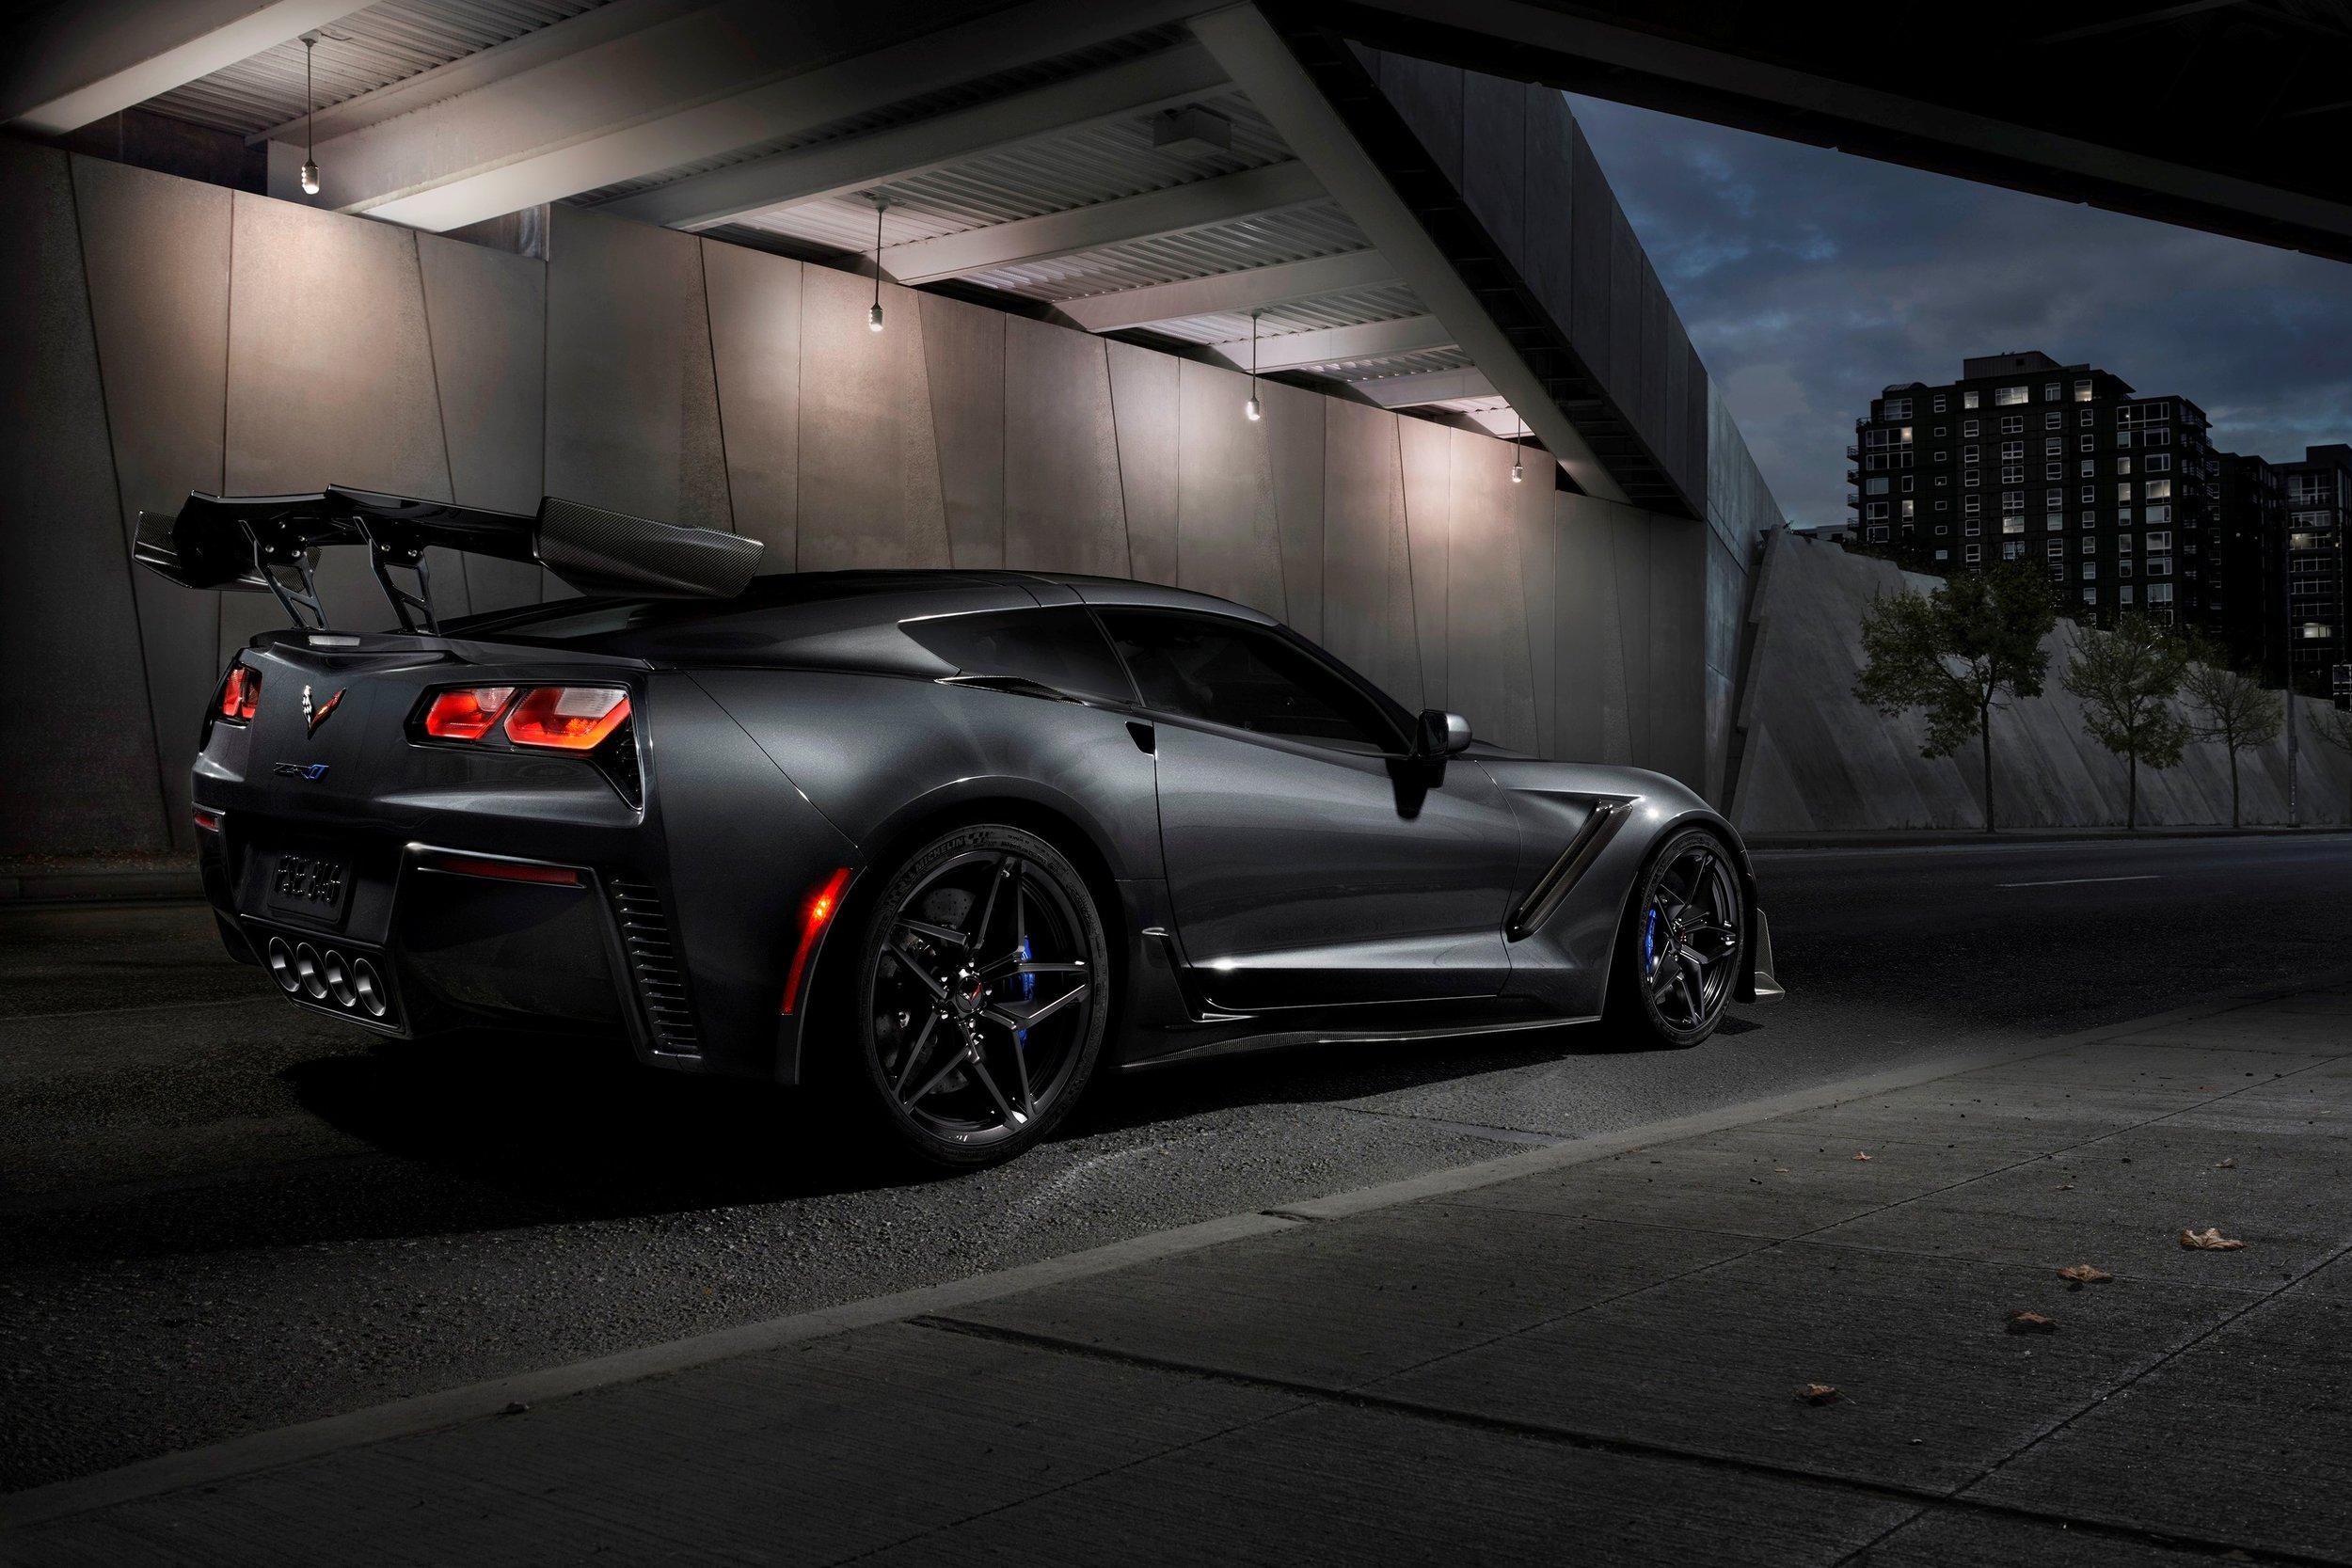 2019-Chevrolet-Corvette-ZR1-BLACKLIST-(20).jpg